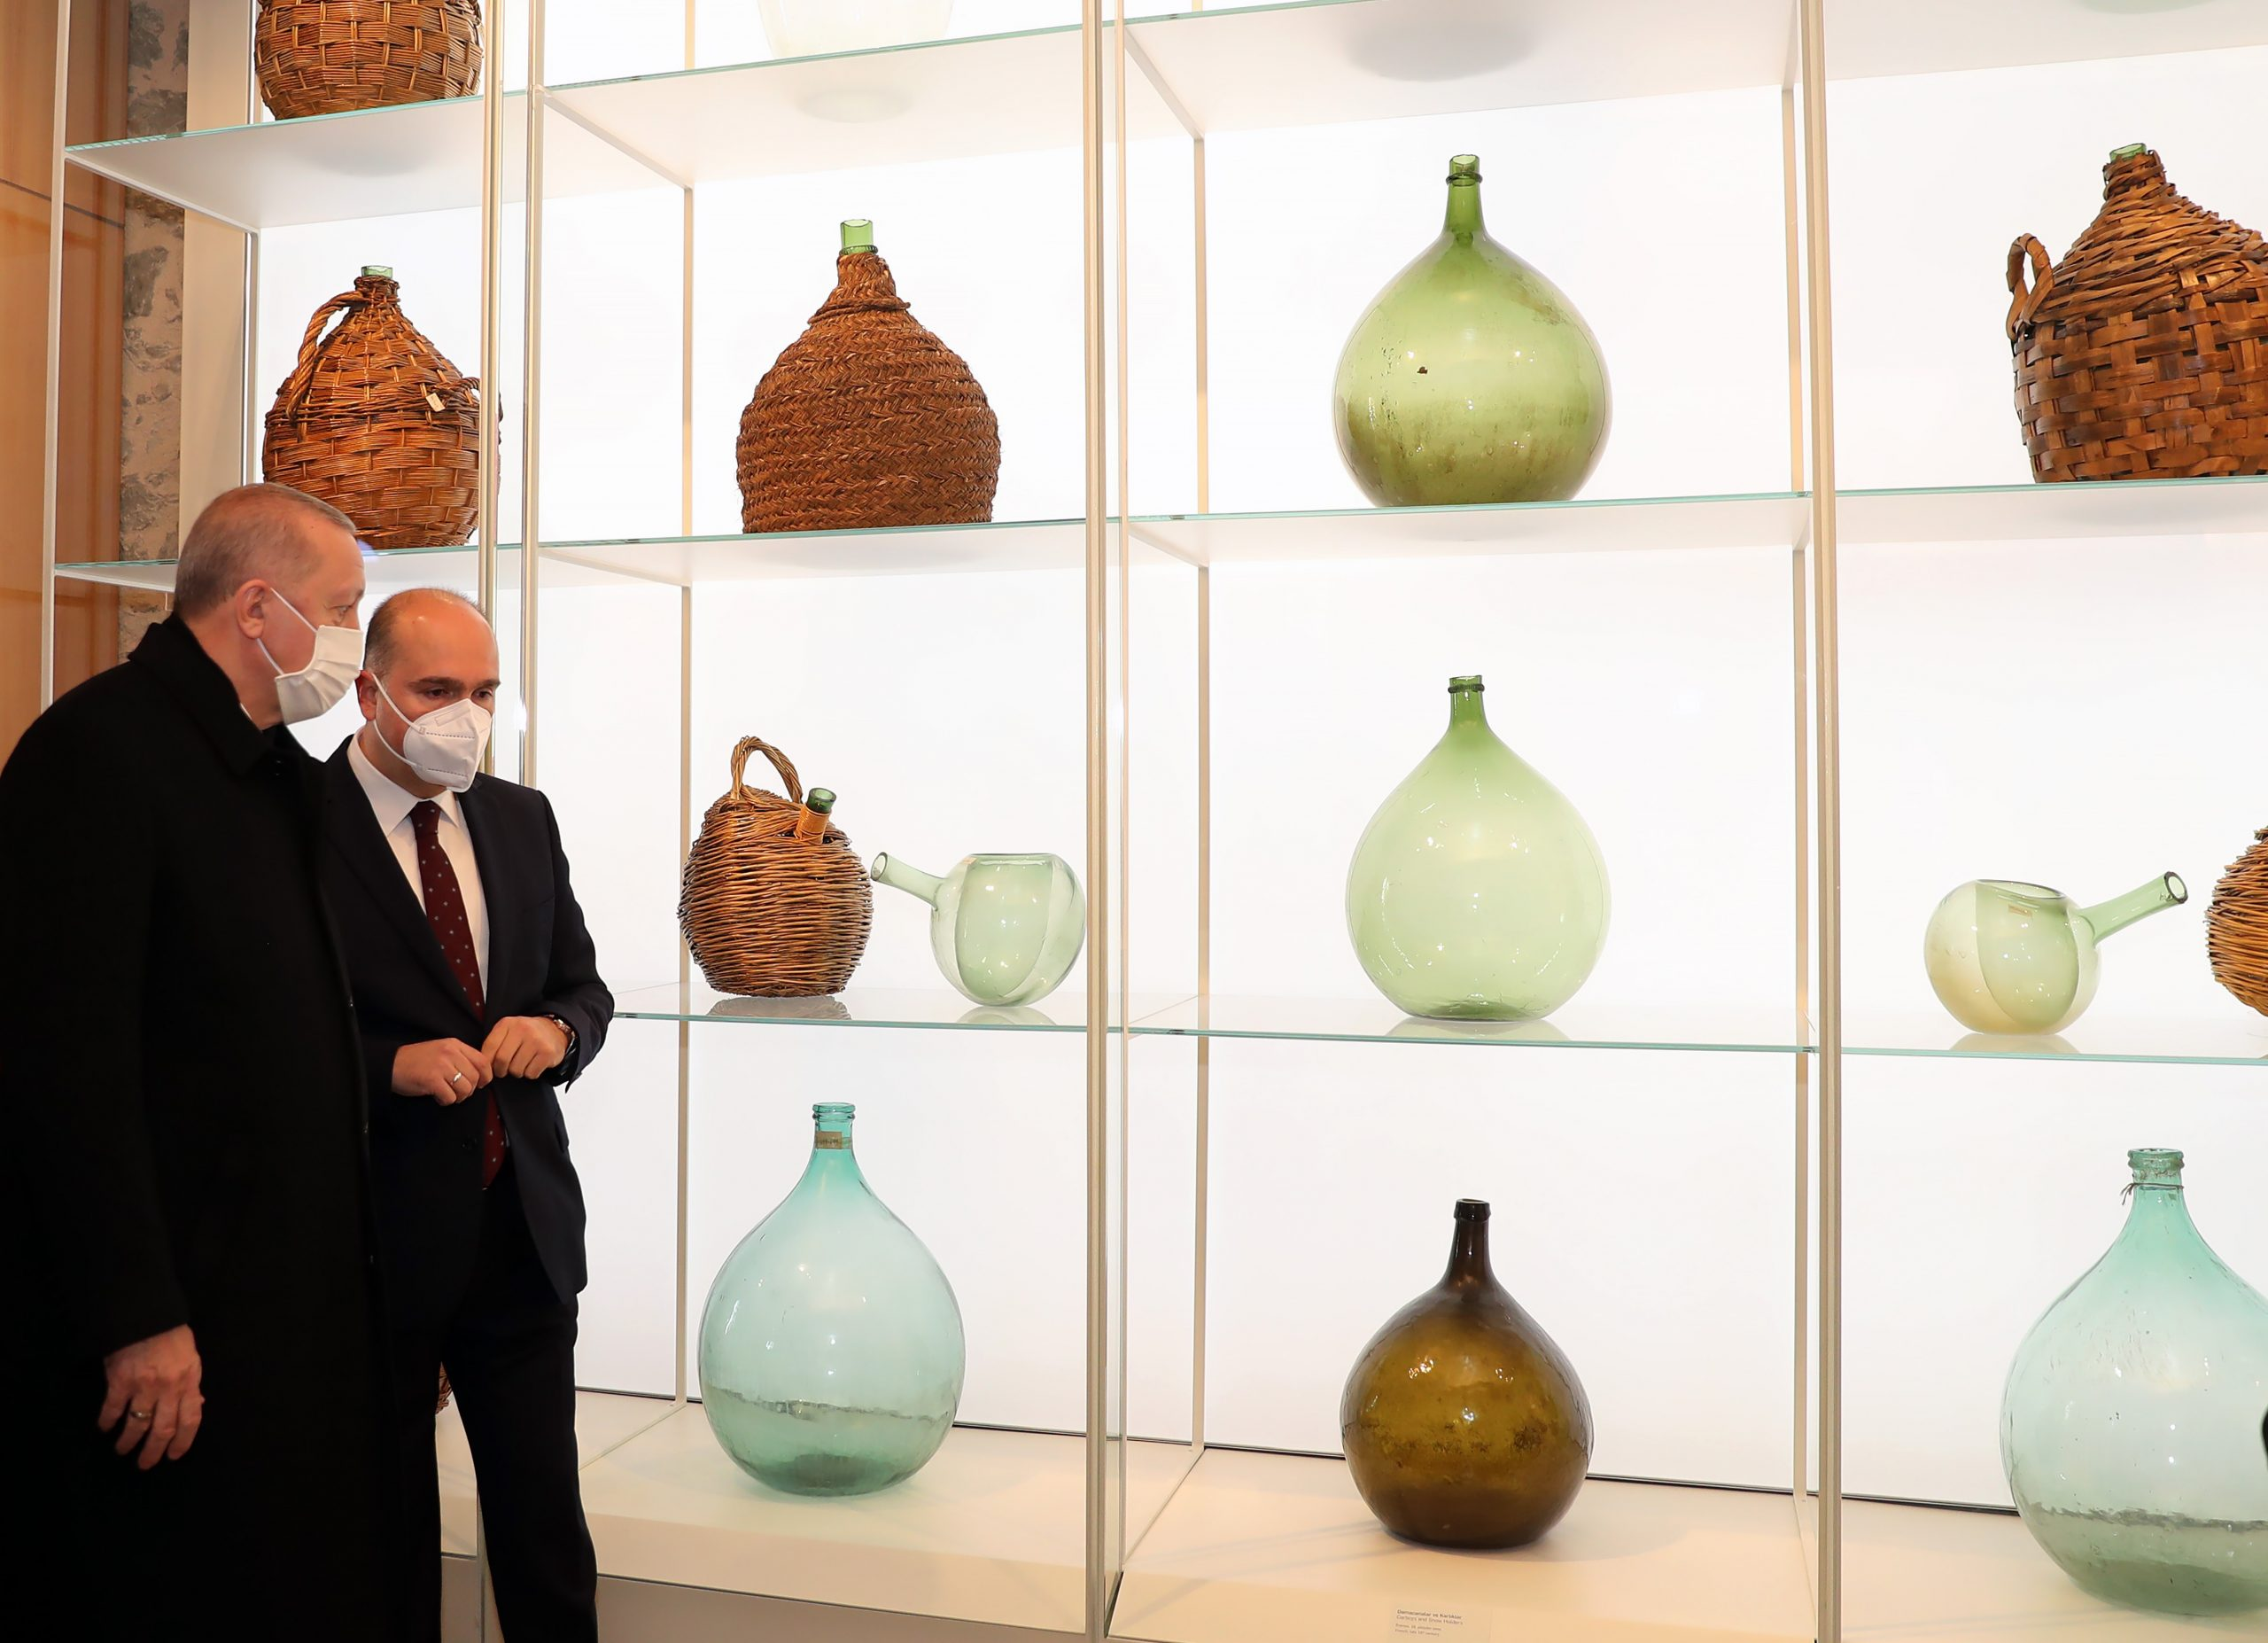 أردوغان يفتتح متحف الزجاج في إسطنبول 1